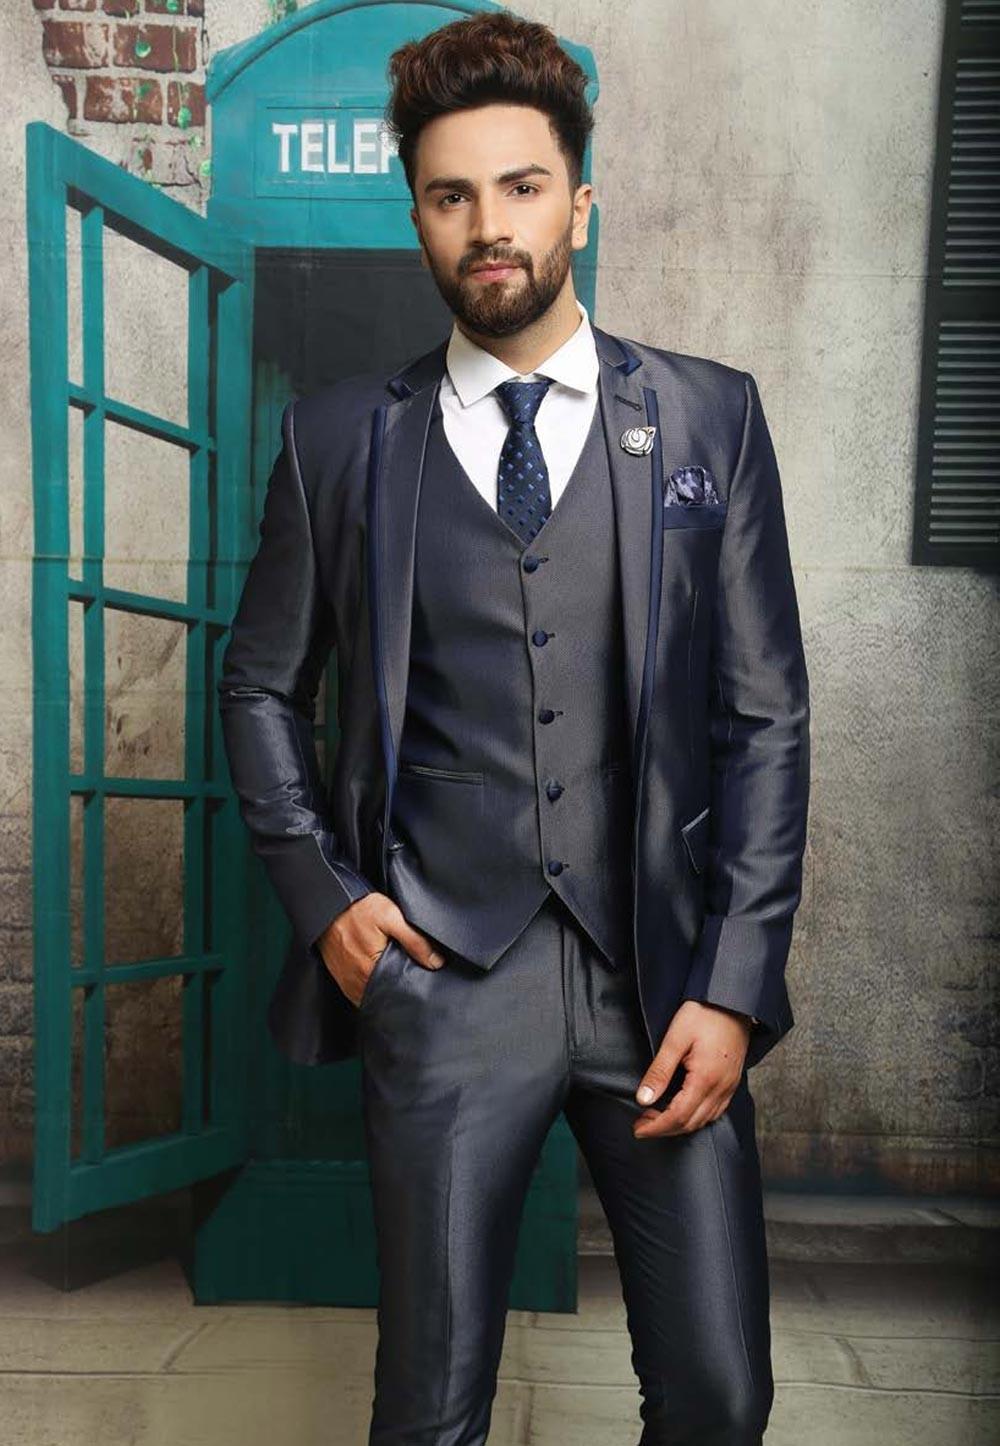 Best Wedding Suits for Men in Impressive Three Piece Suit